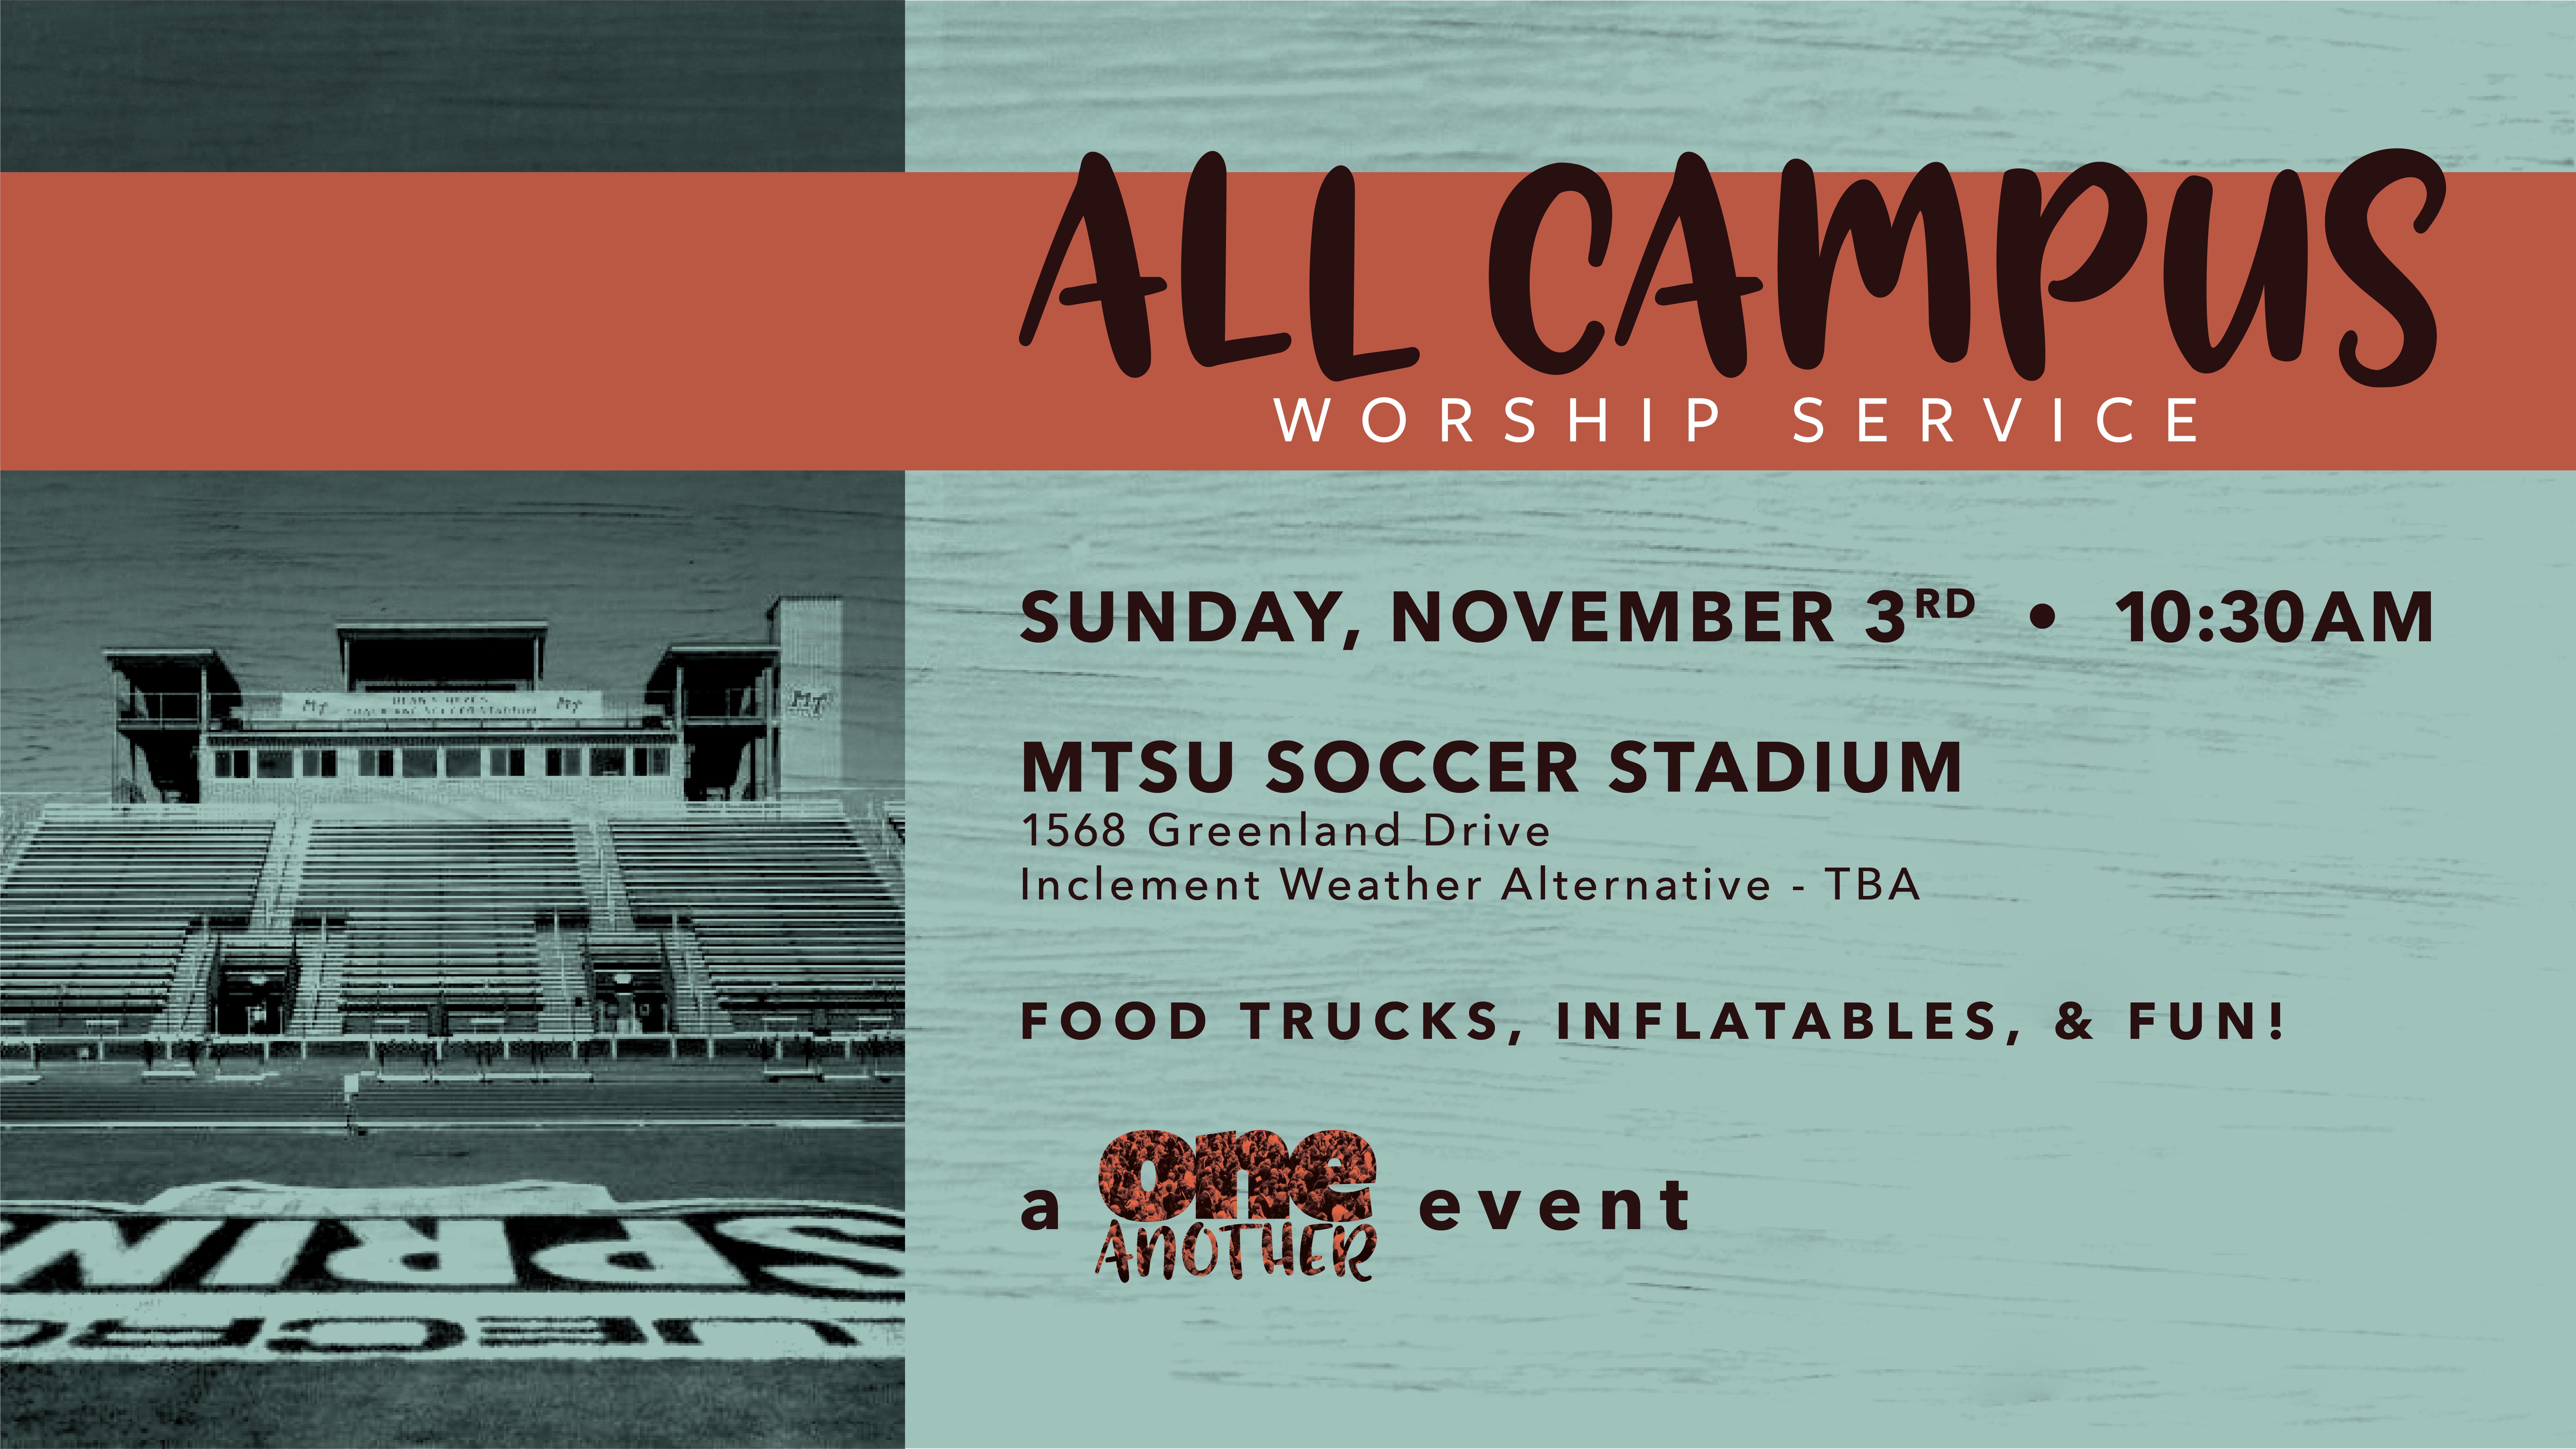 All Campus Worship at MTSU Soccer Stadium on Sunday November 3 at 10:30 am